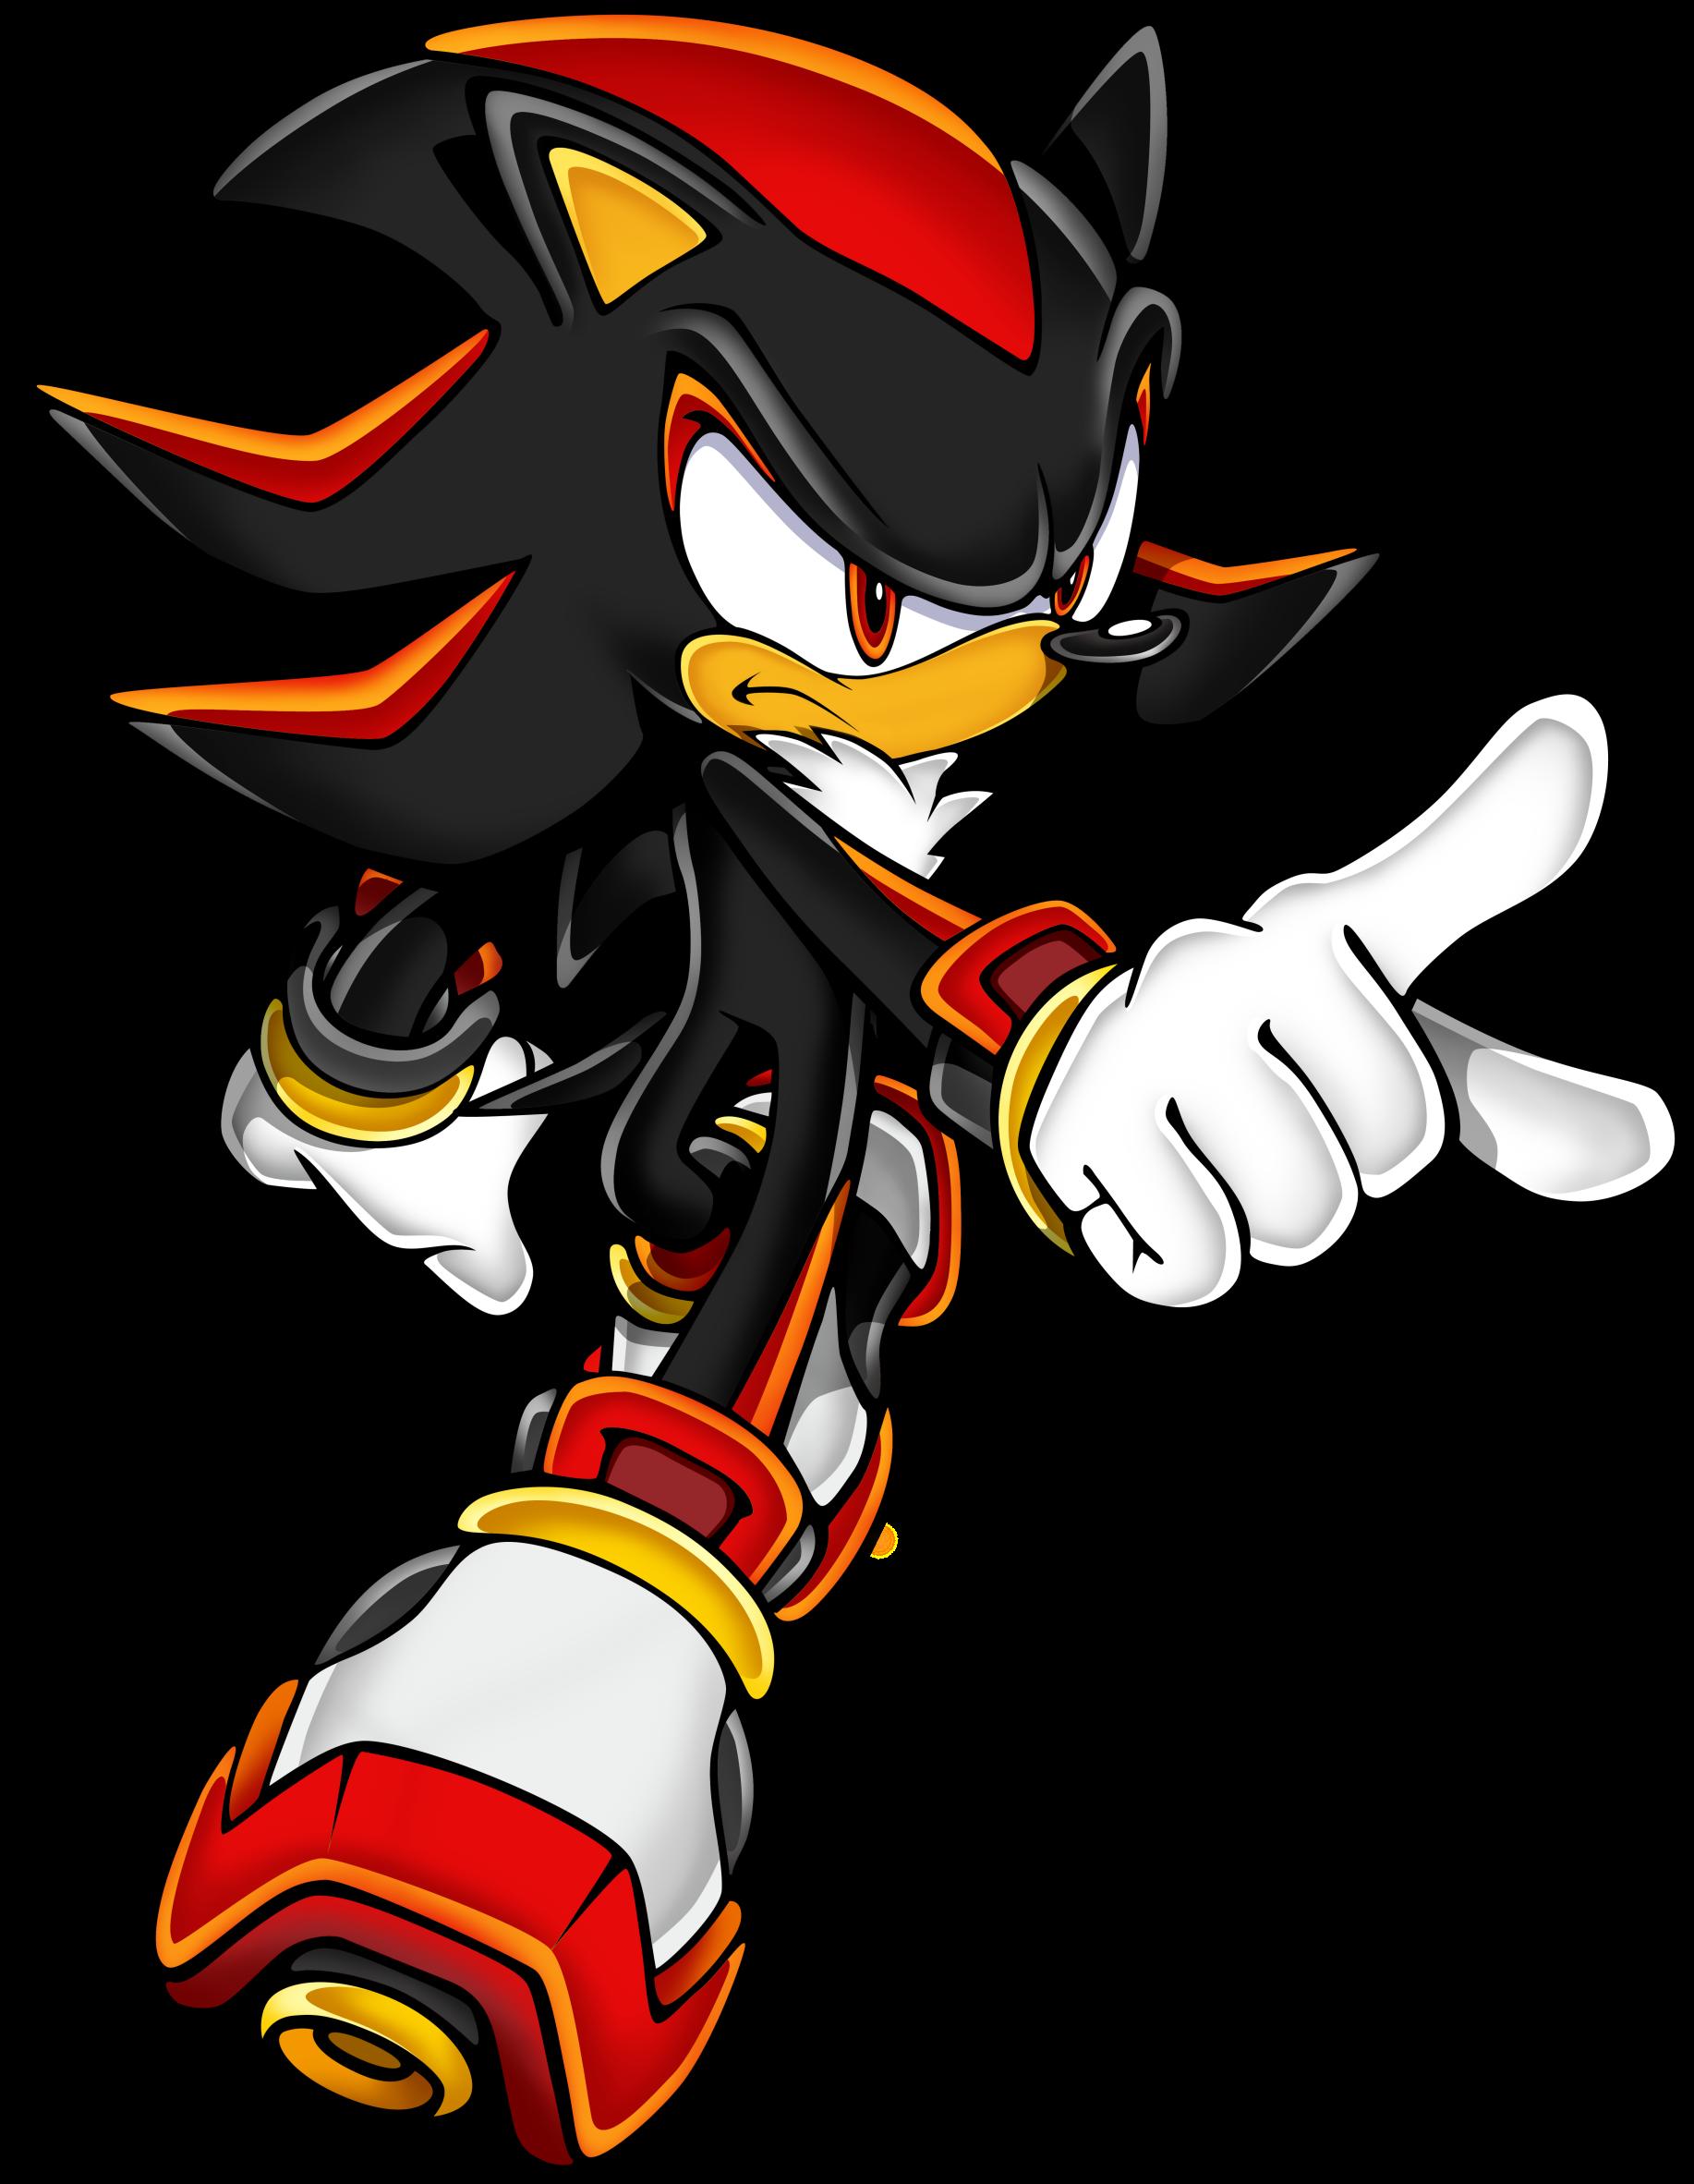 Hedgehog clipart vector. Shadow vs kars jojo